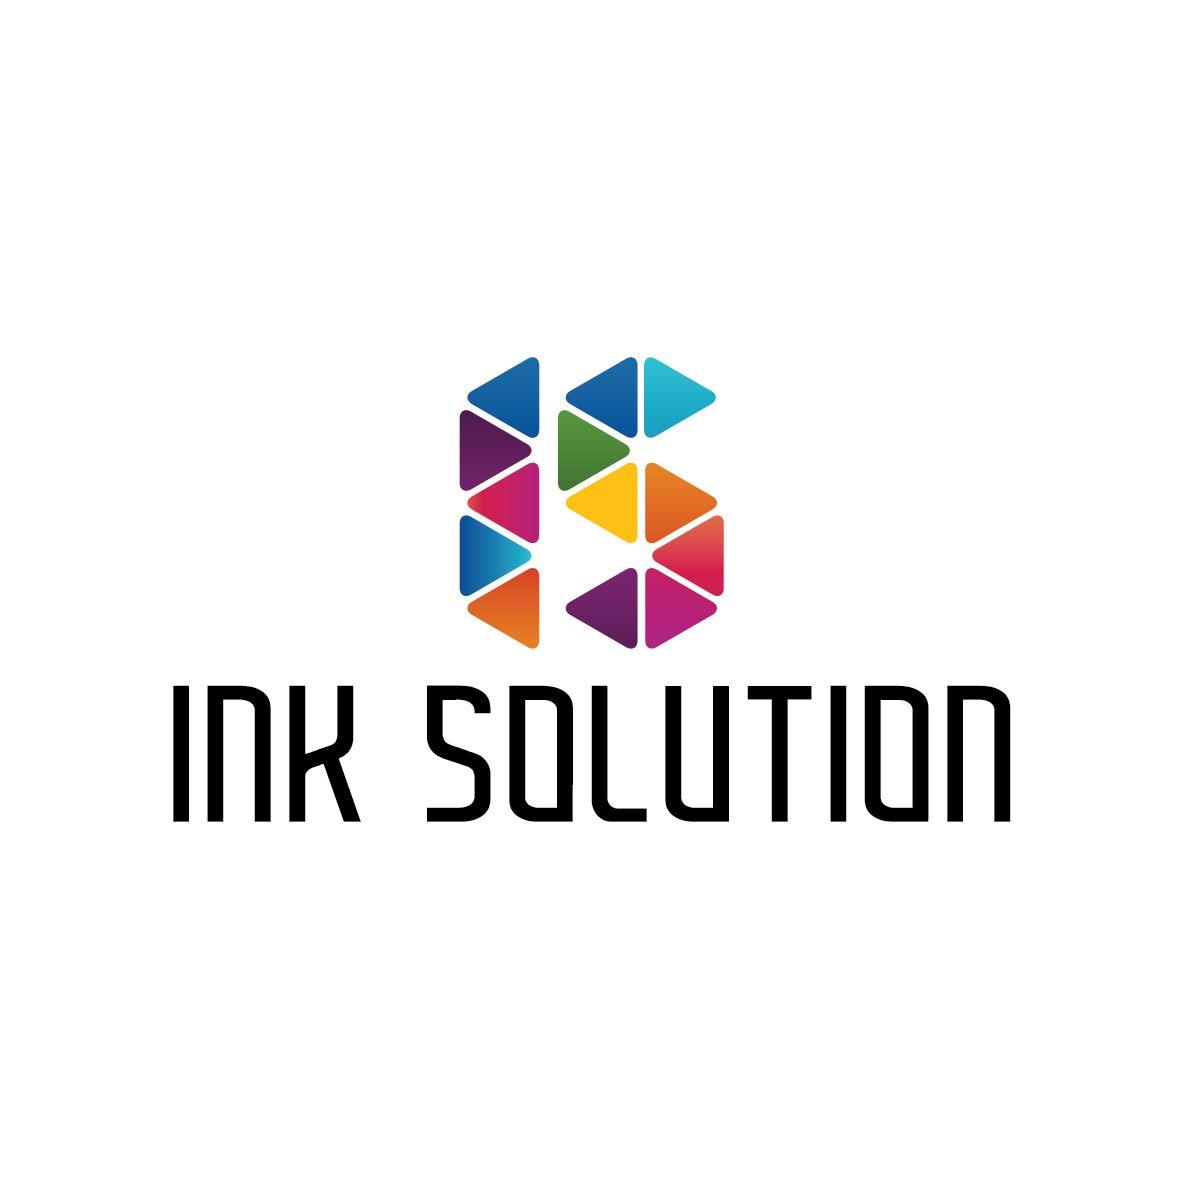 логотип компании  - дизайнер kit-design